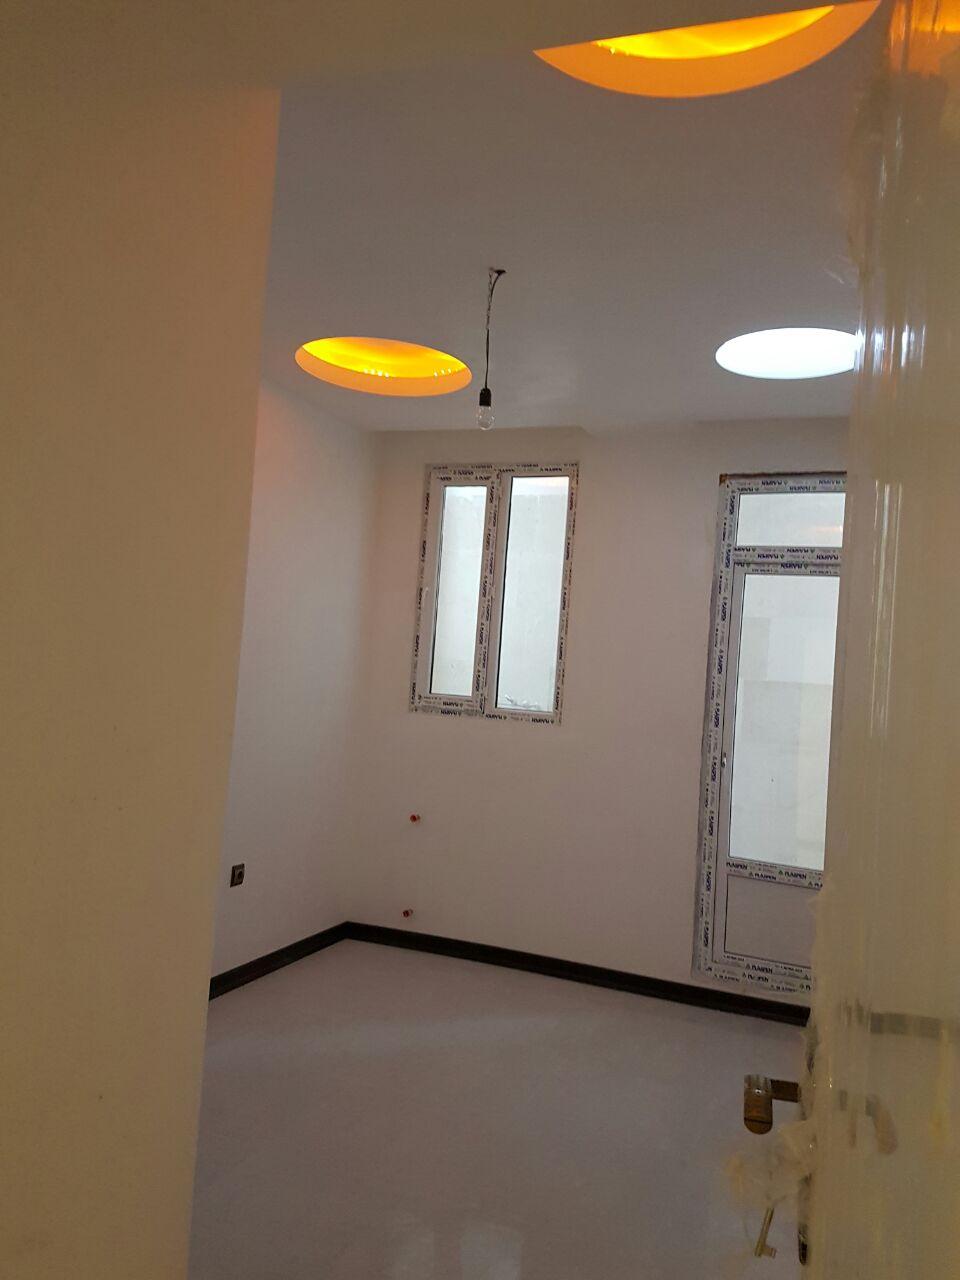 آپارتمان ۵۳ متری نوساز با وام زیر قیمت فروش